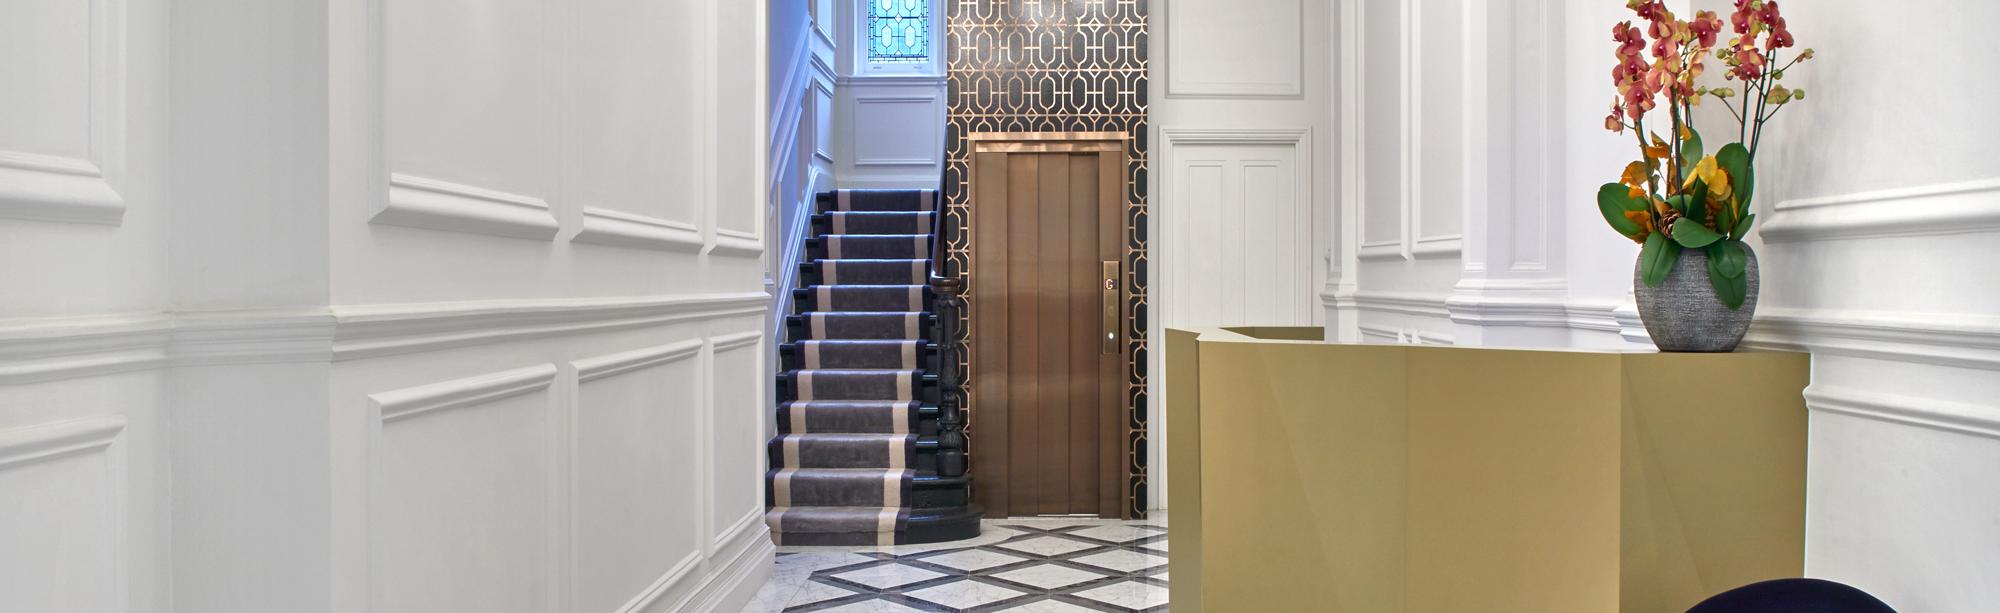 Portfolio Image of Carlos Place, Mayfair, London